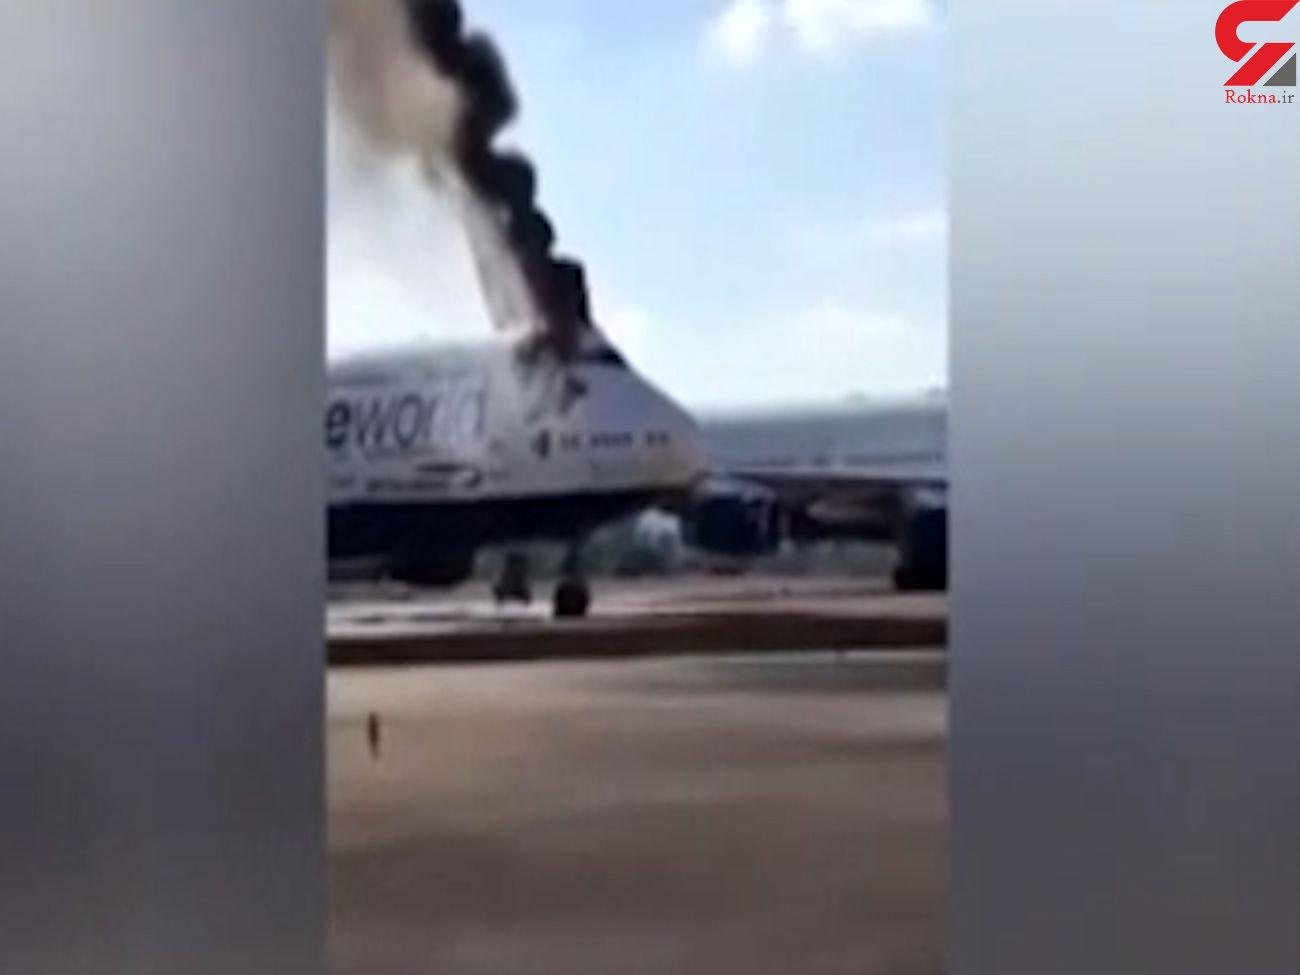 آتش سوزی هواپیمای بوئینگ 747 شرکت هواپیمایی انگلیس + فیلم